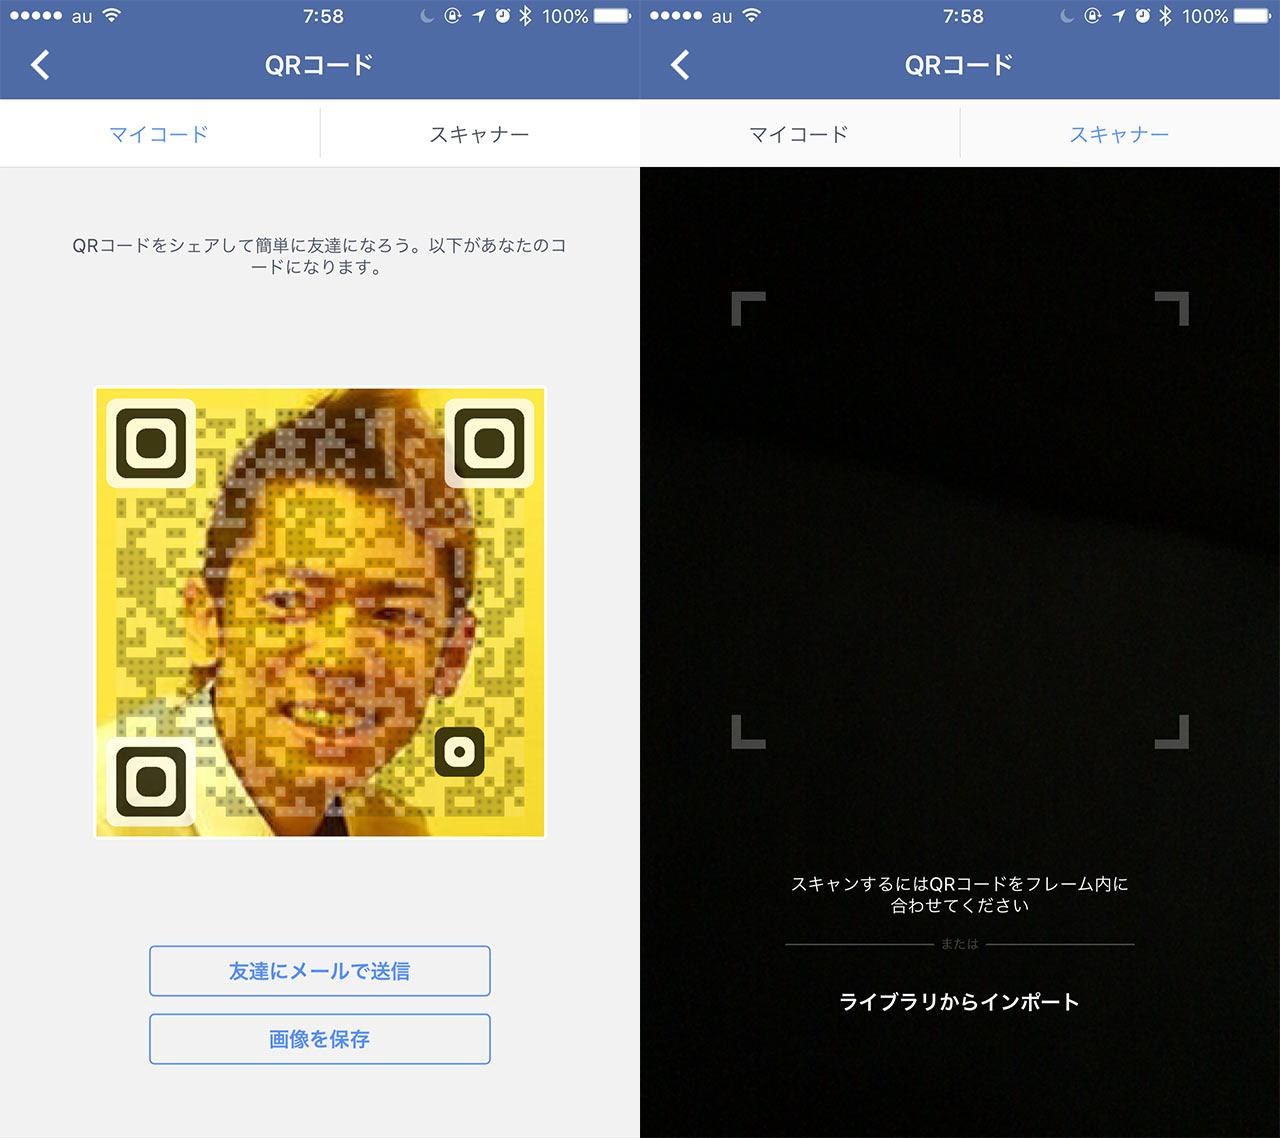 facebook-qr-friend-02